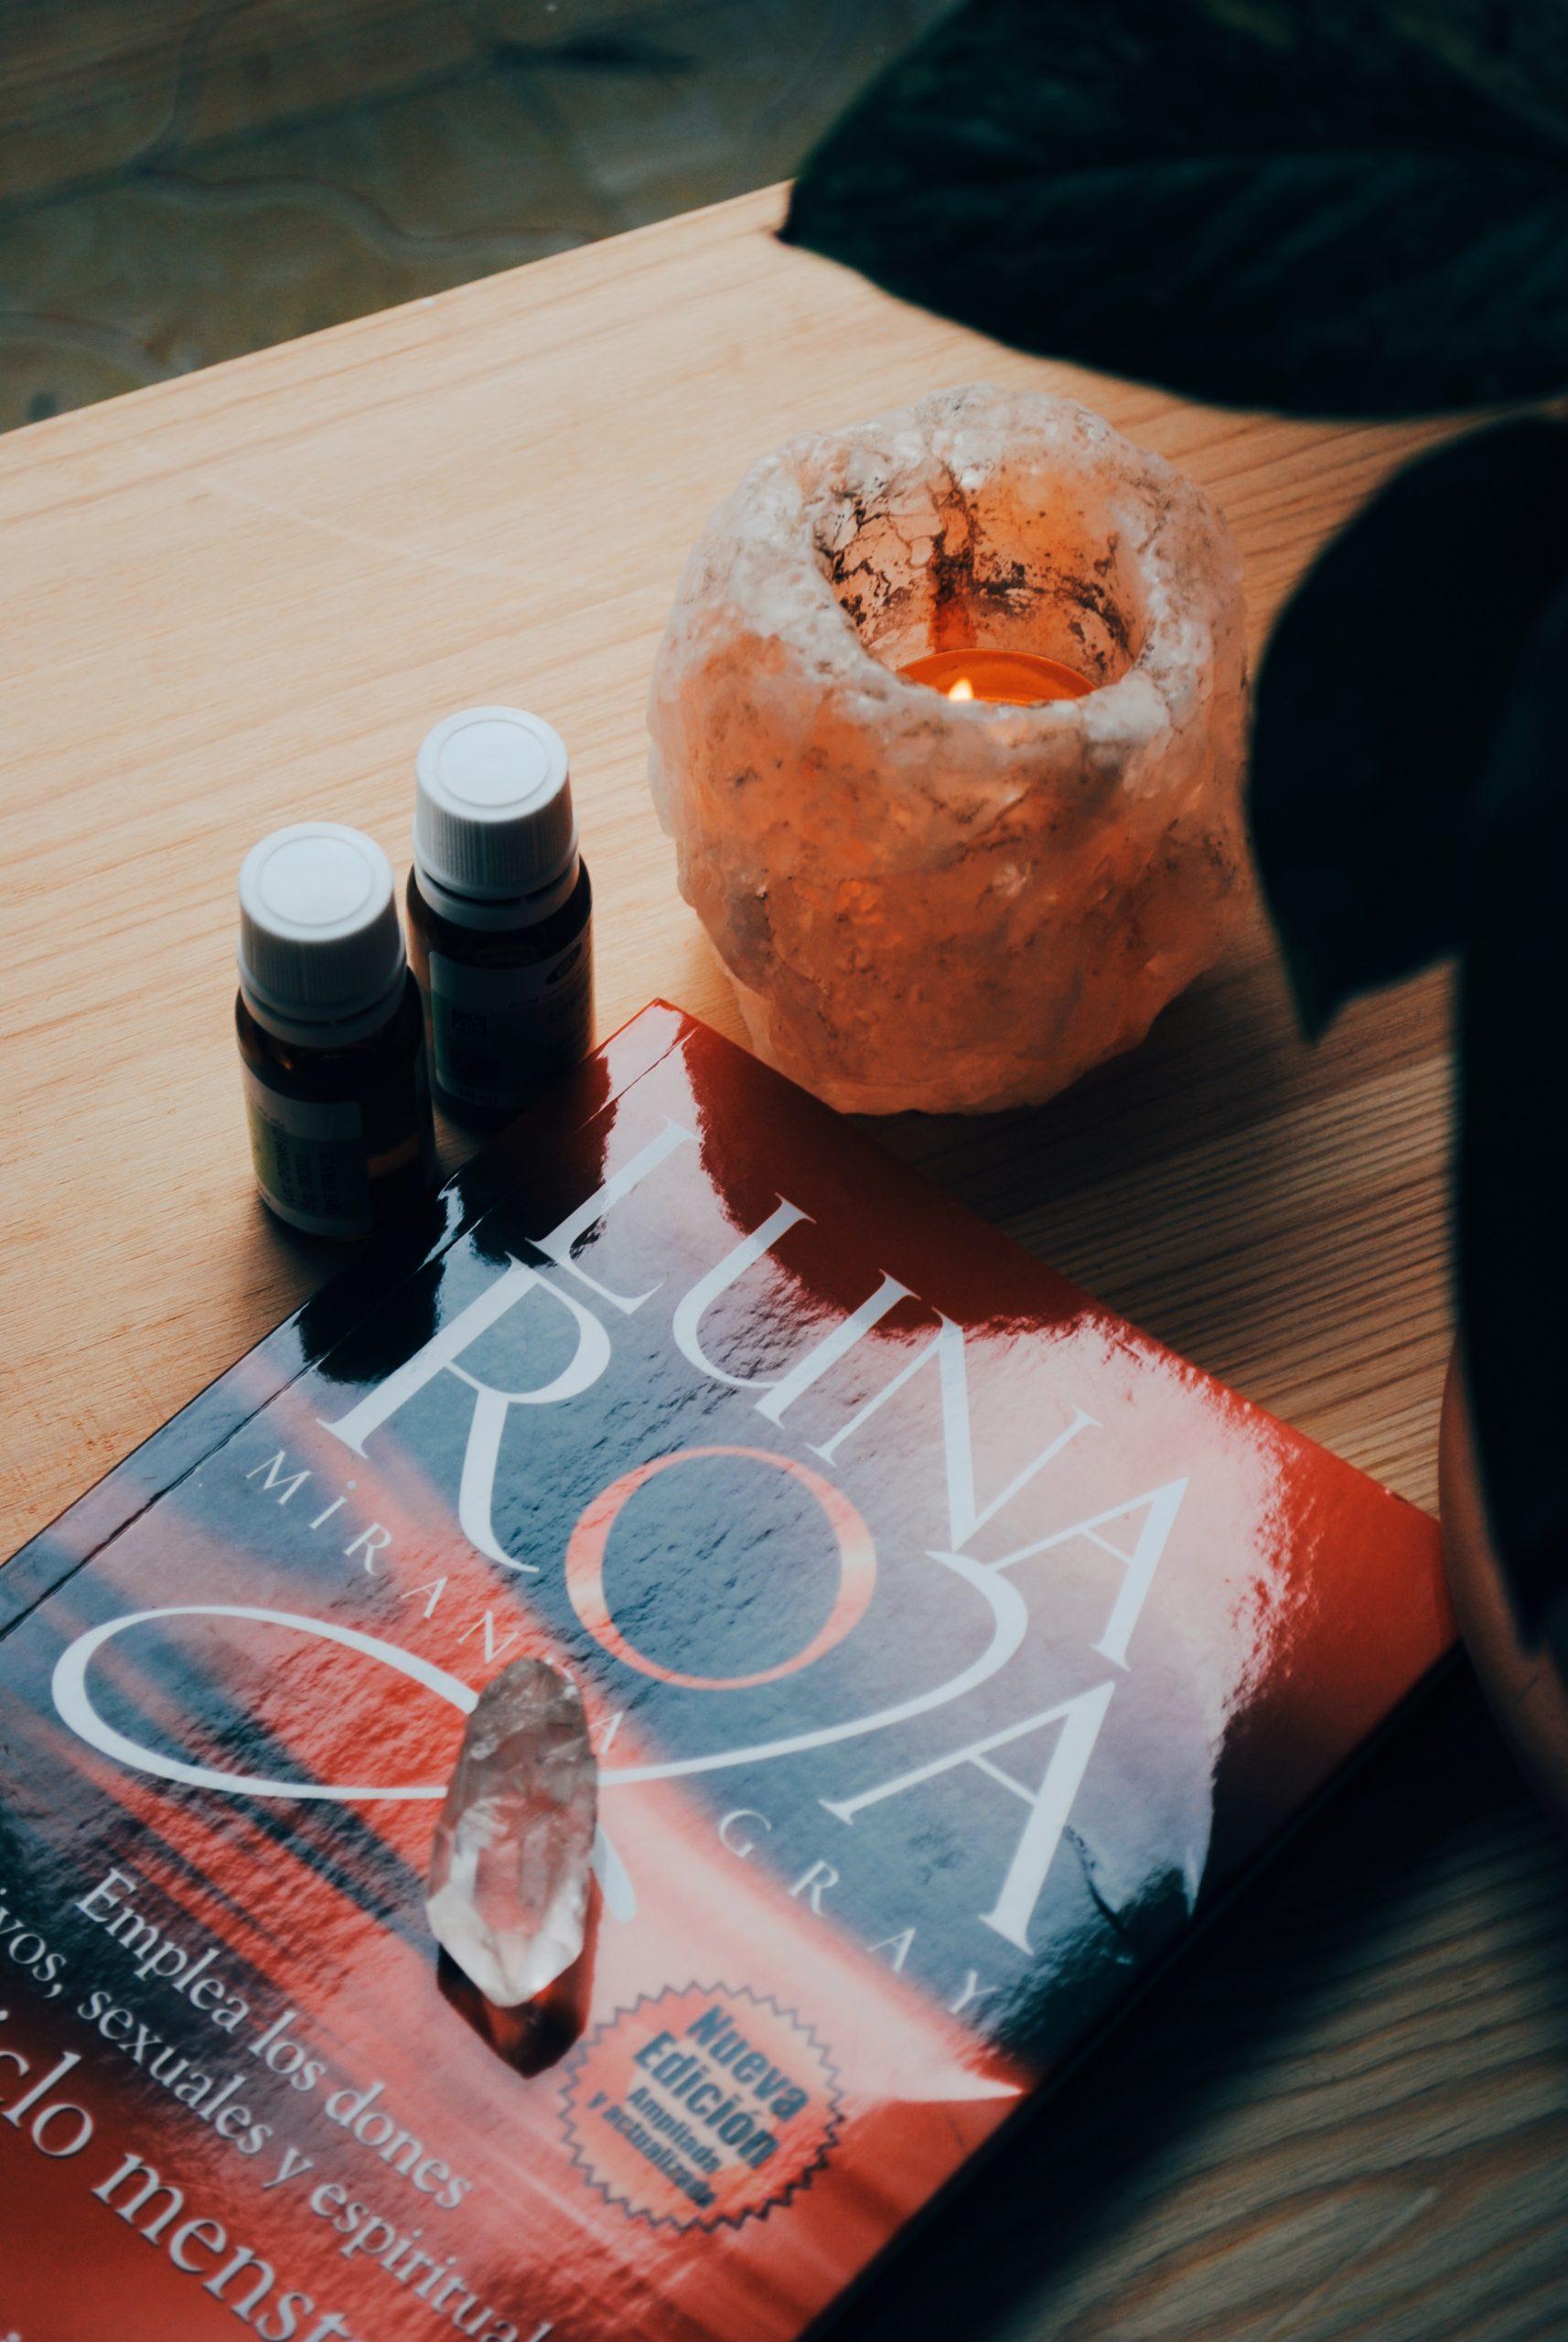 Libro luna roja, con vela encendida en portavelas de sal del himalaya, punta de cuarzo, botes de aceites esenciales y planta